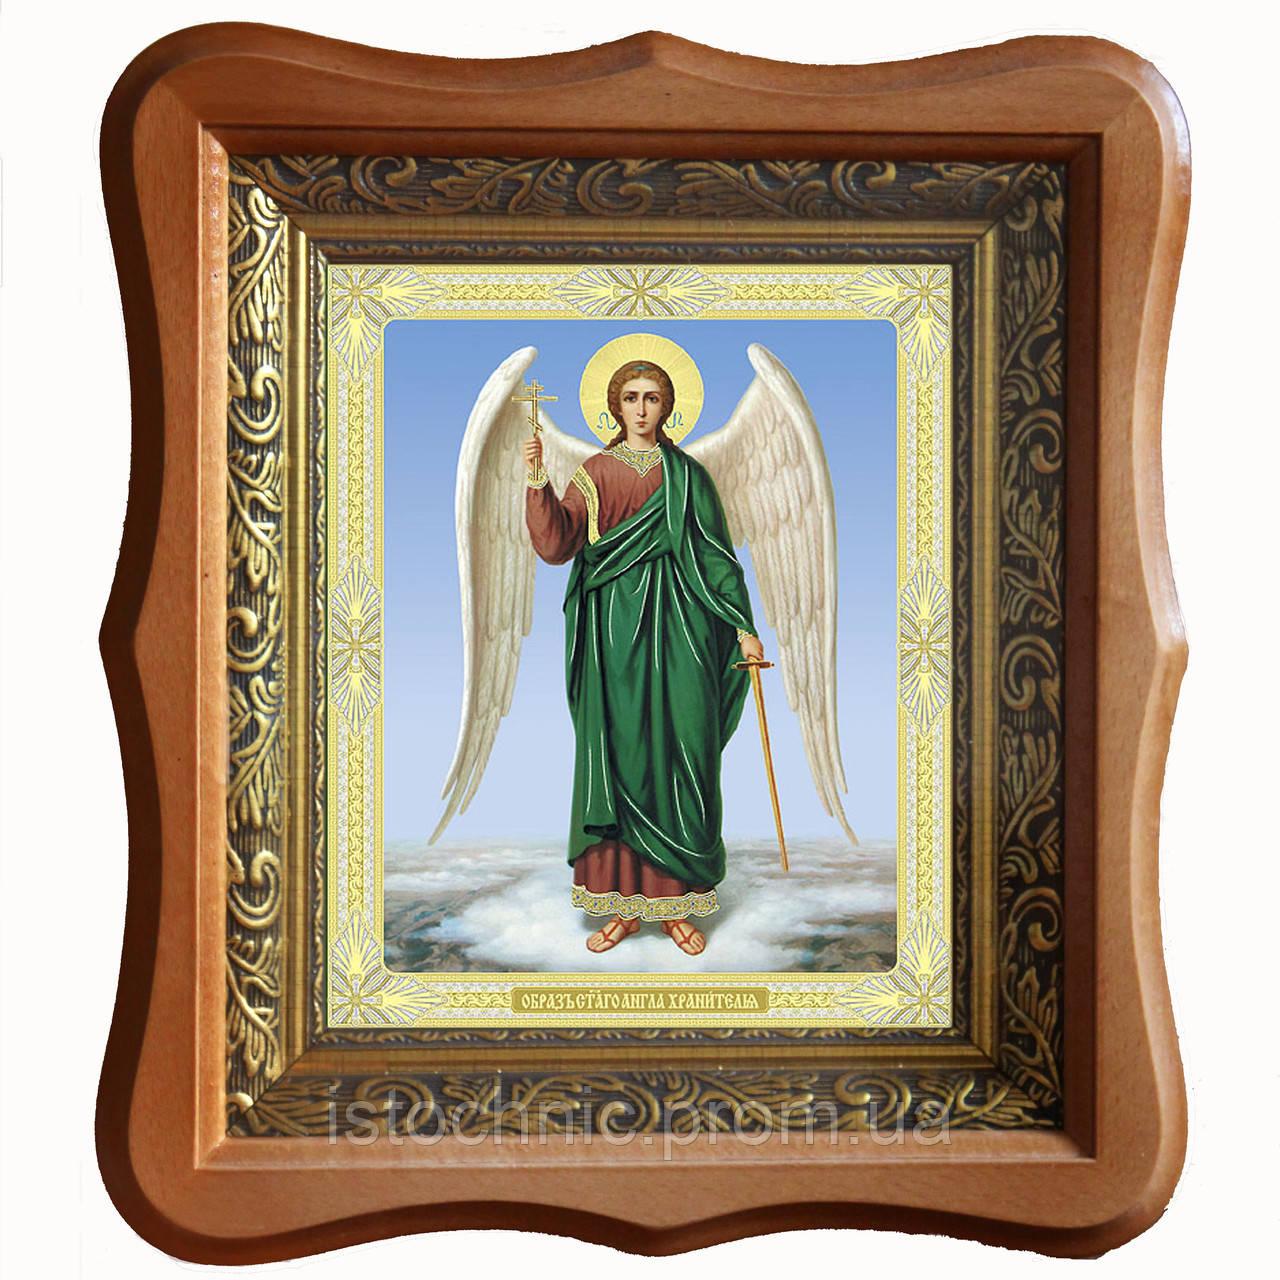 Все архангелы имена и их значения фото бесплатно широкоформатные